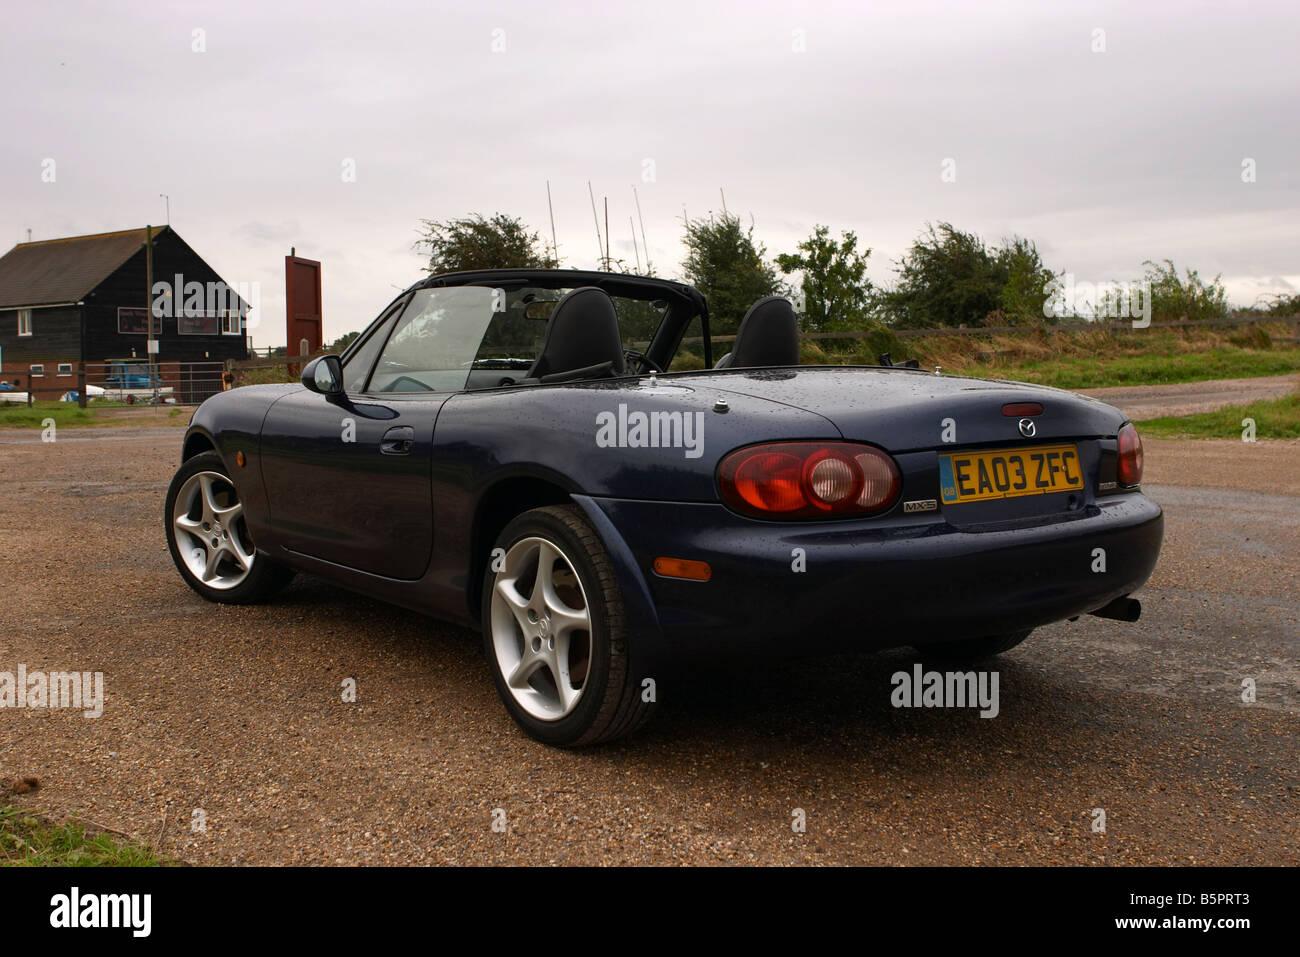 mazda mx5 mk2 5 svt sport dark blue car colour image. Black Bedroom Furniture Sets. Home Design Ideas